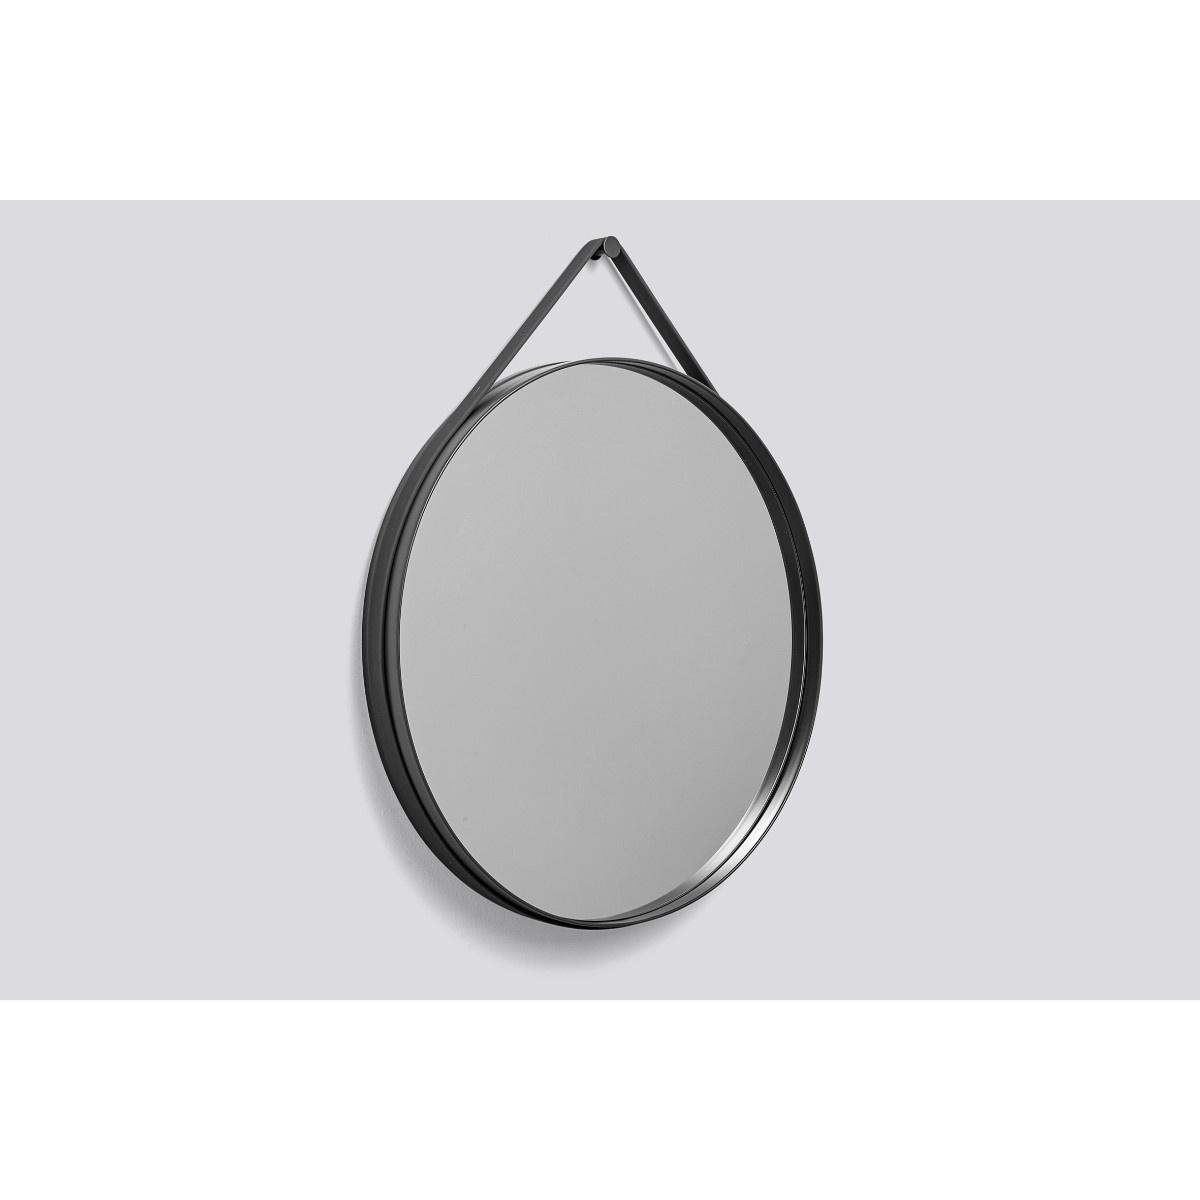 HAY Strap Mirror spejl